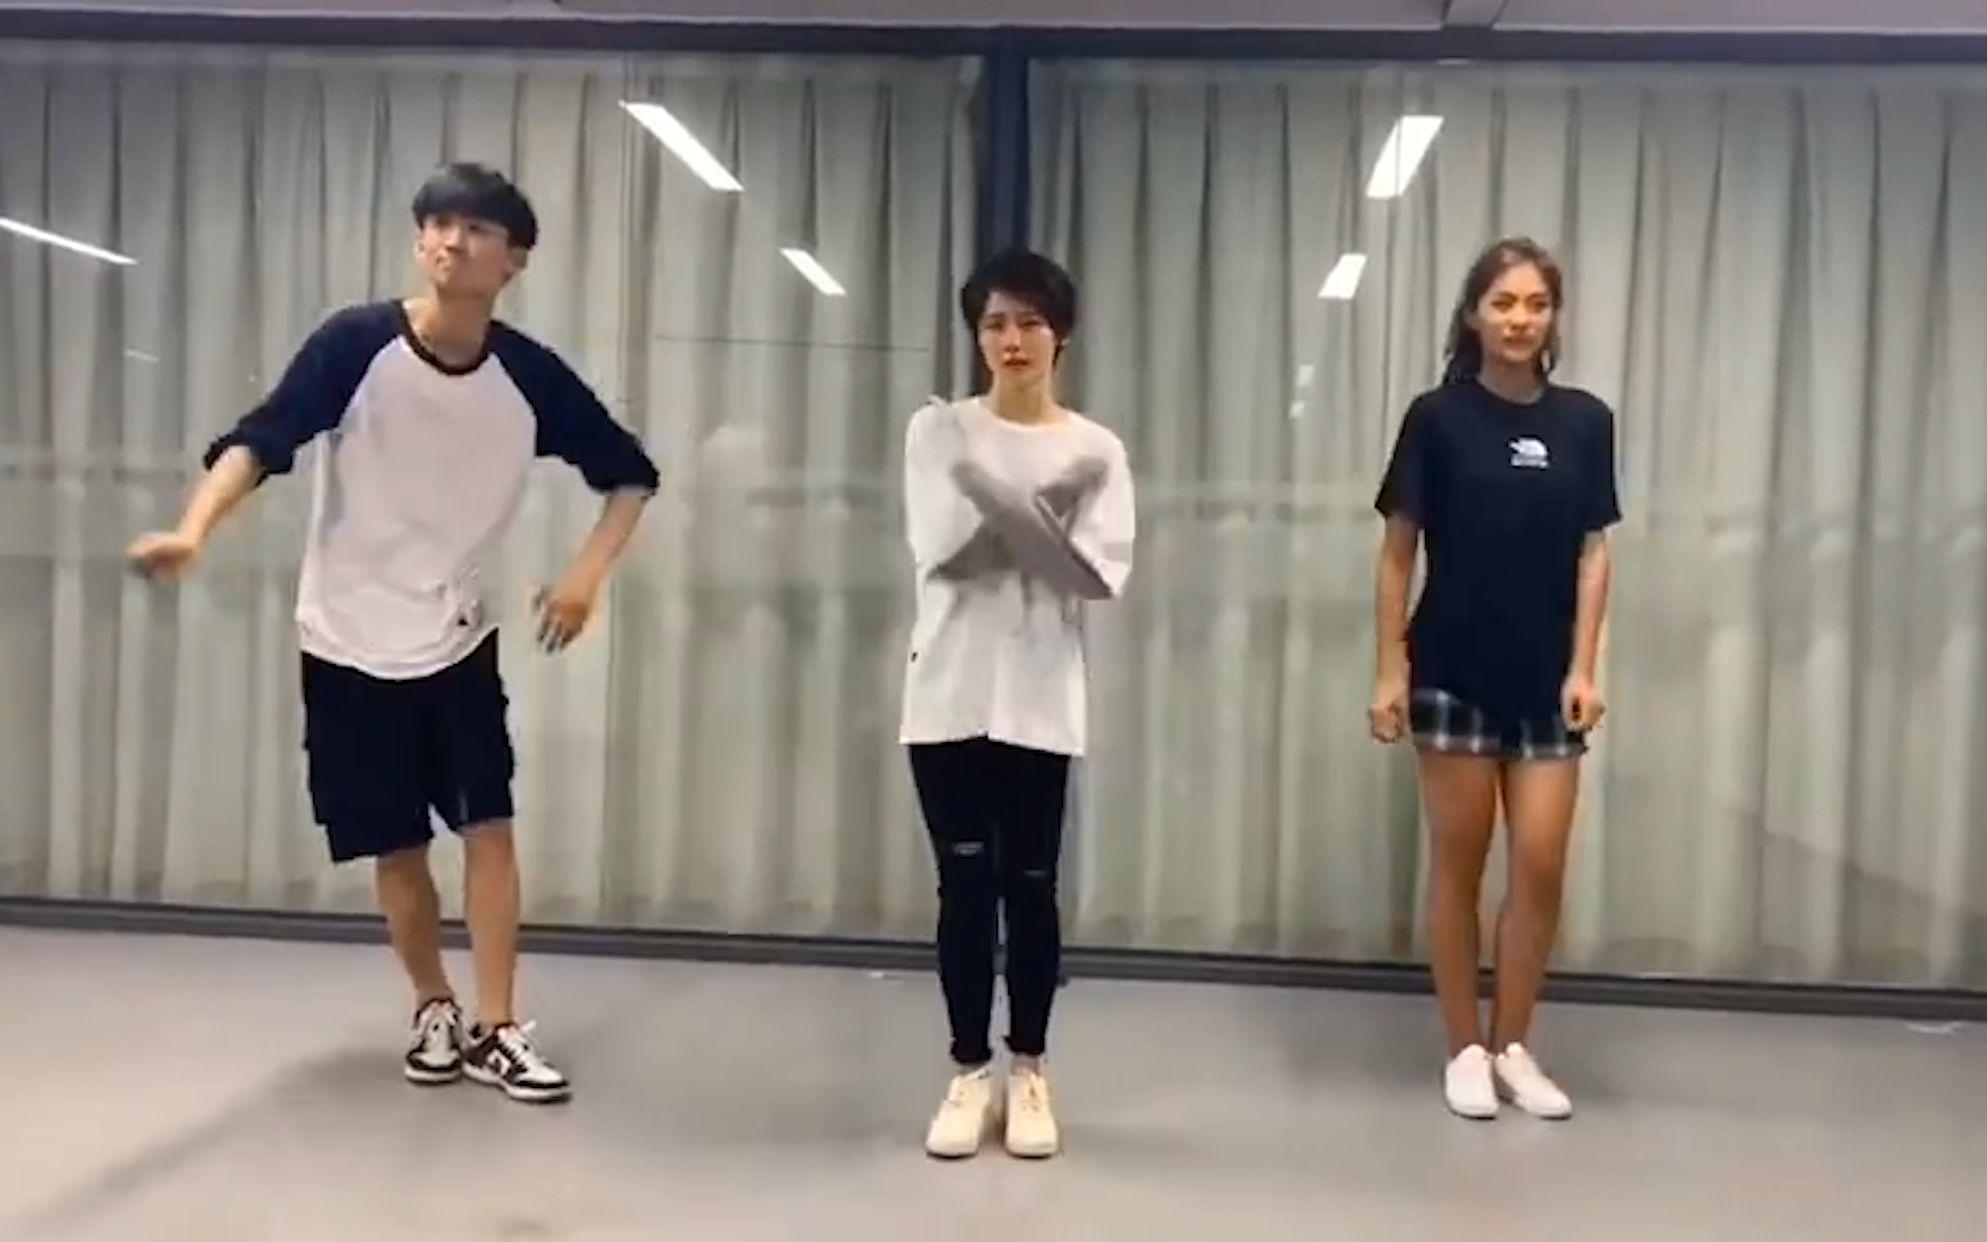 【爱情公寓五】大力 海棠 咖喱酱舞蹈练习